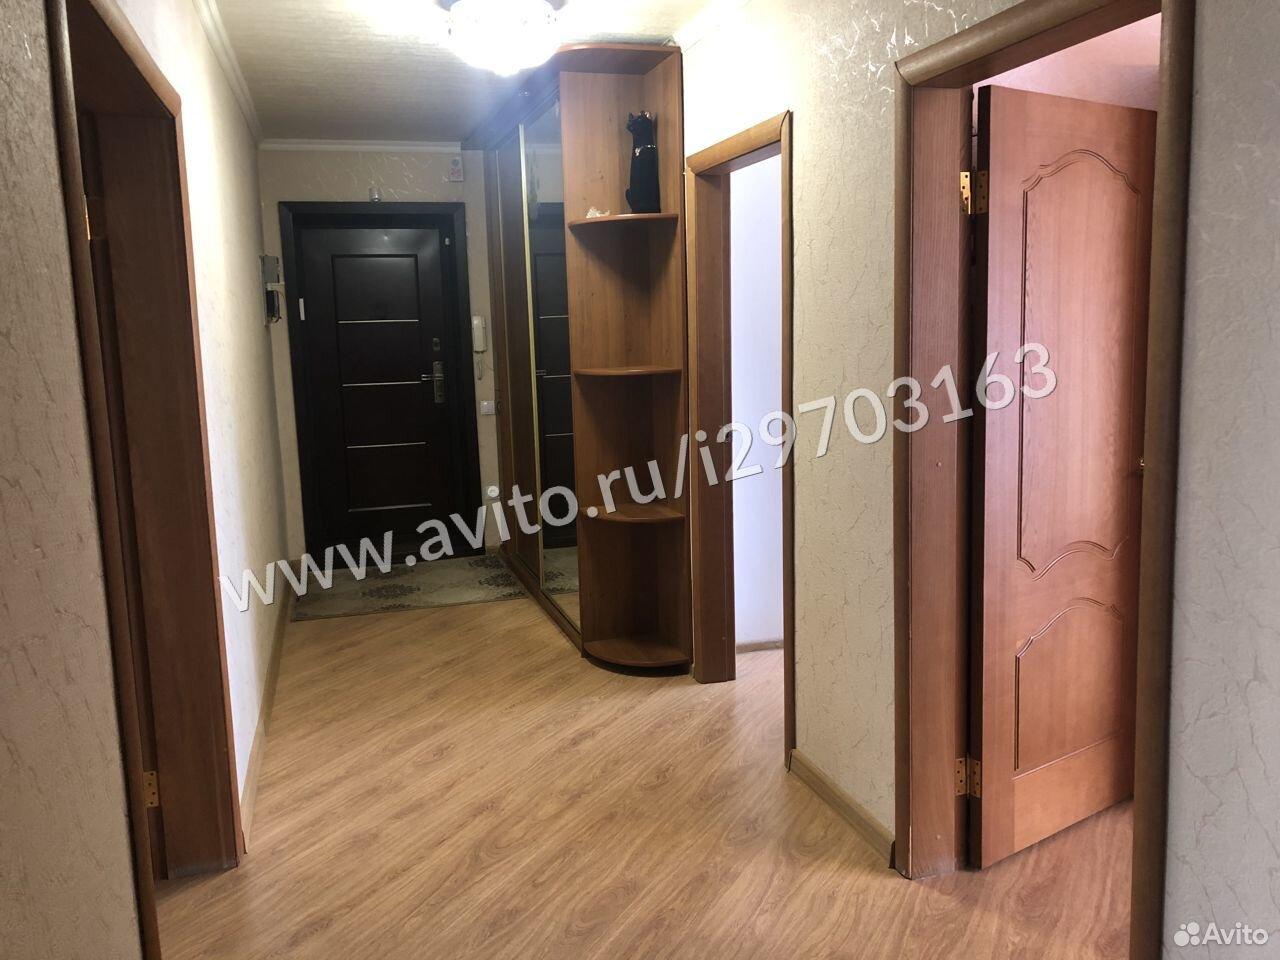 4-к квартира, 110 м², 2/5 эт. 89272703245 купить 4